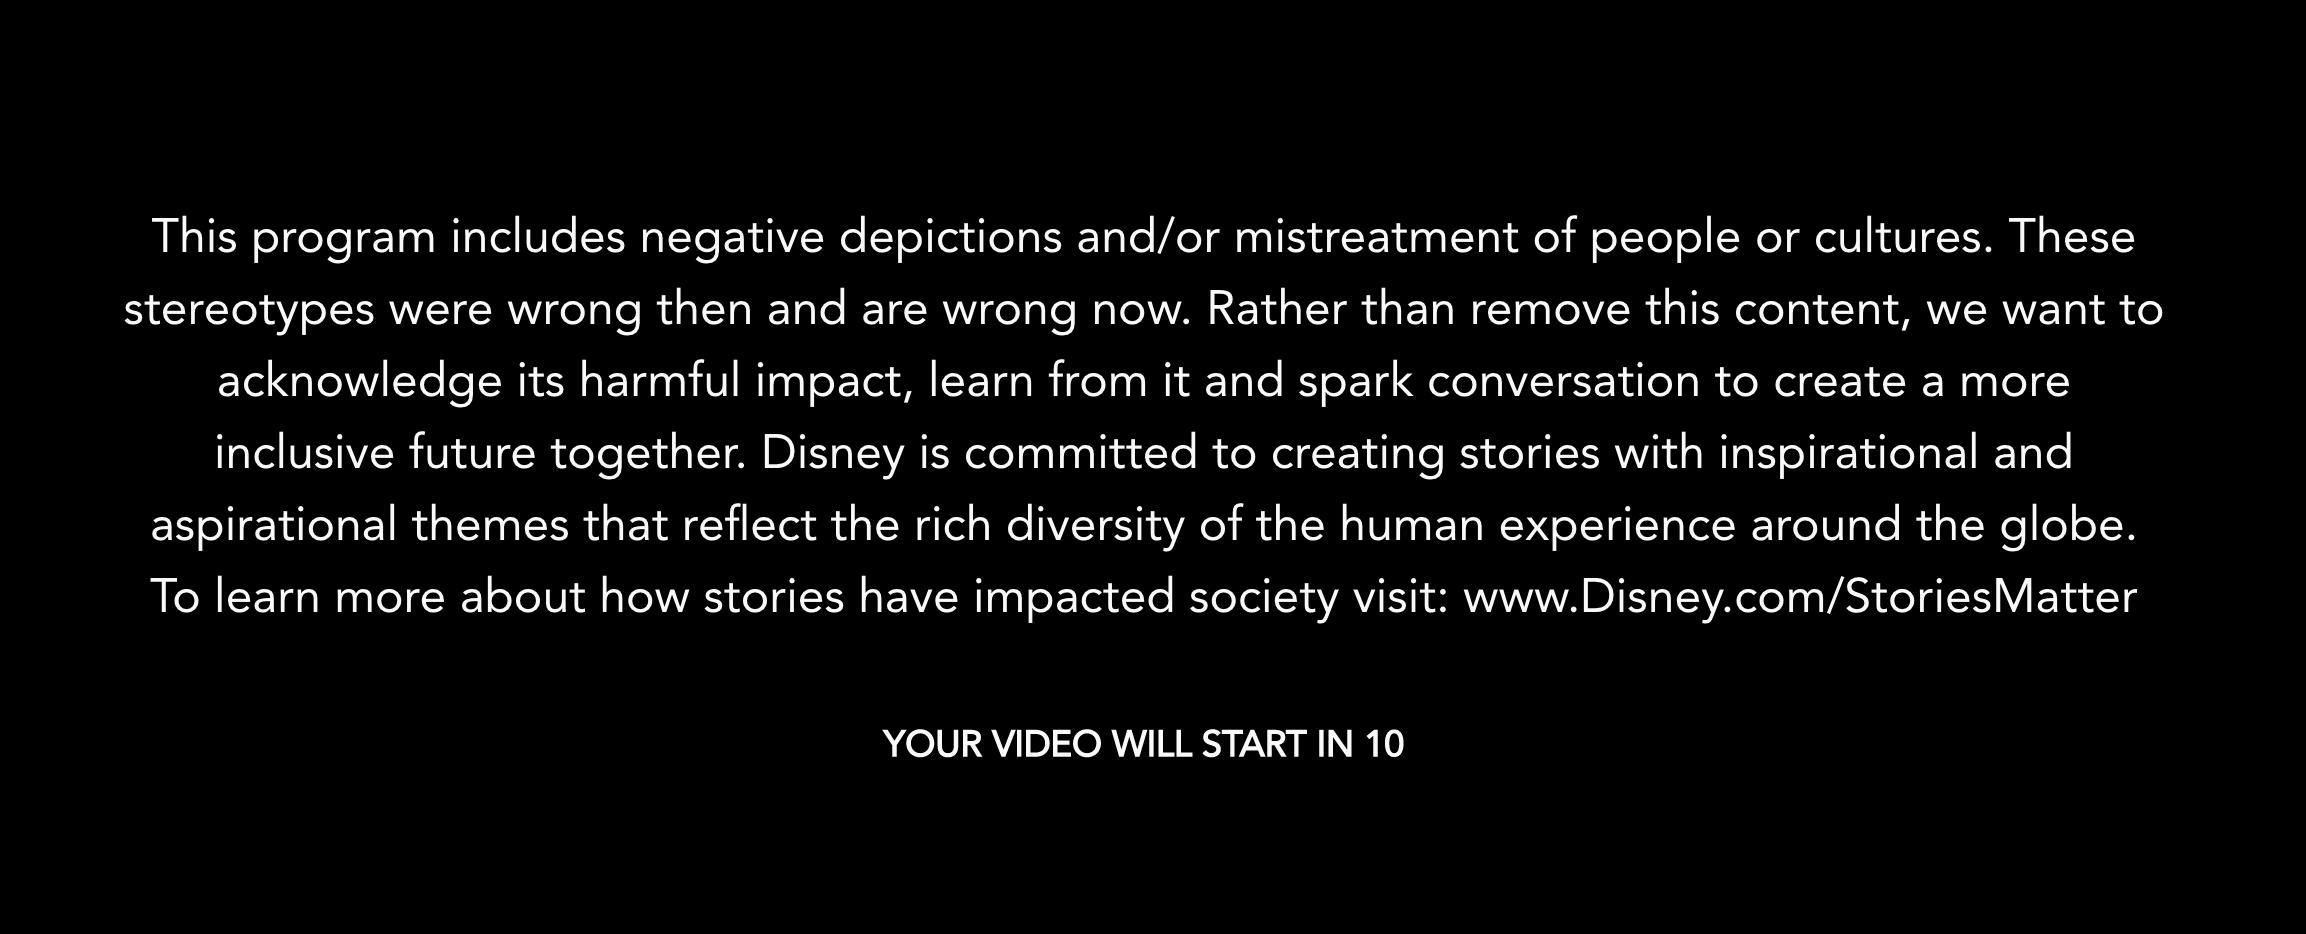 Disney Plus warning